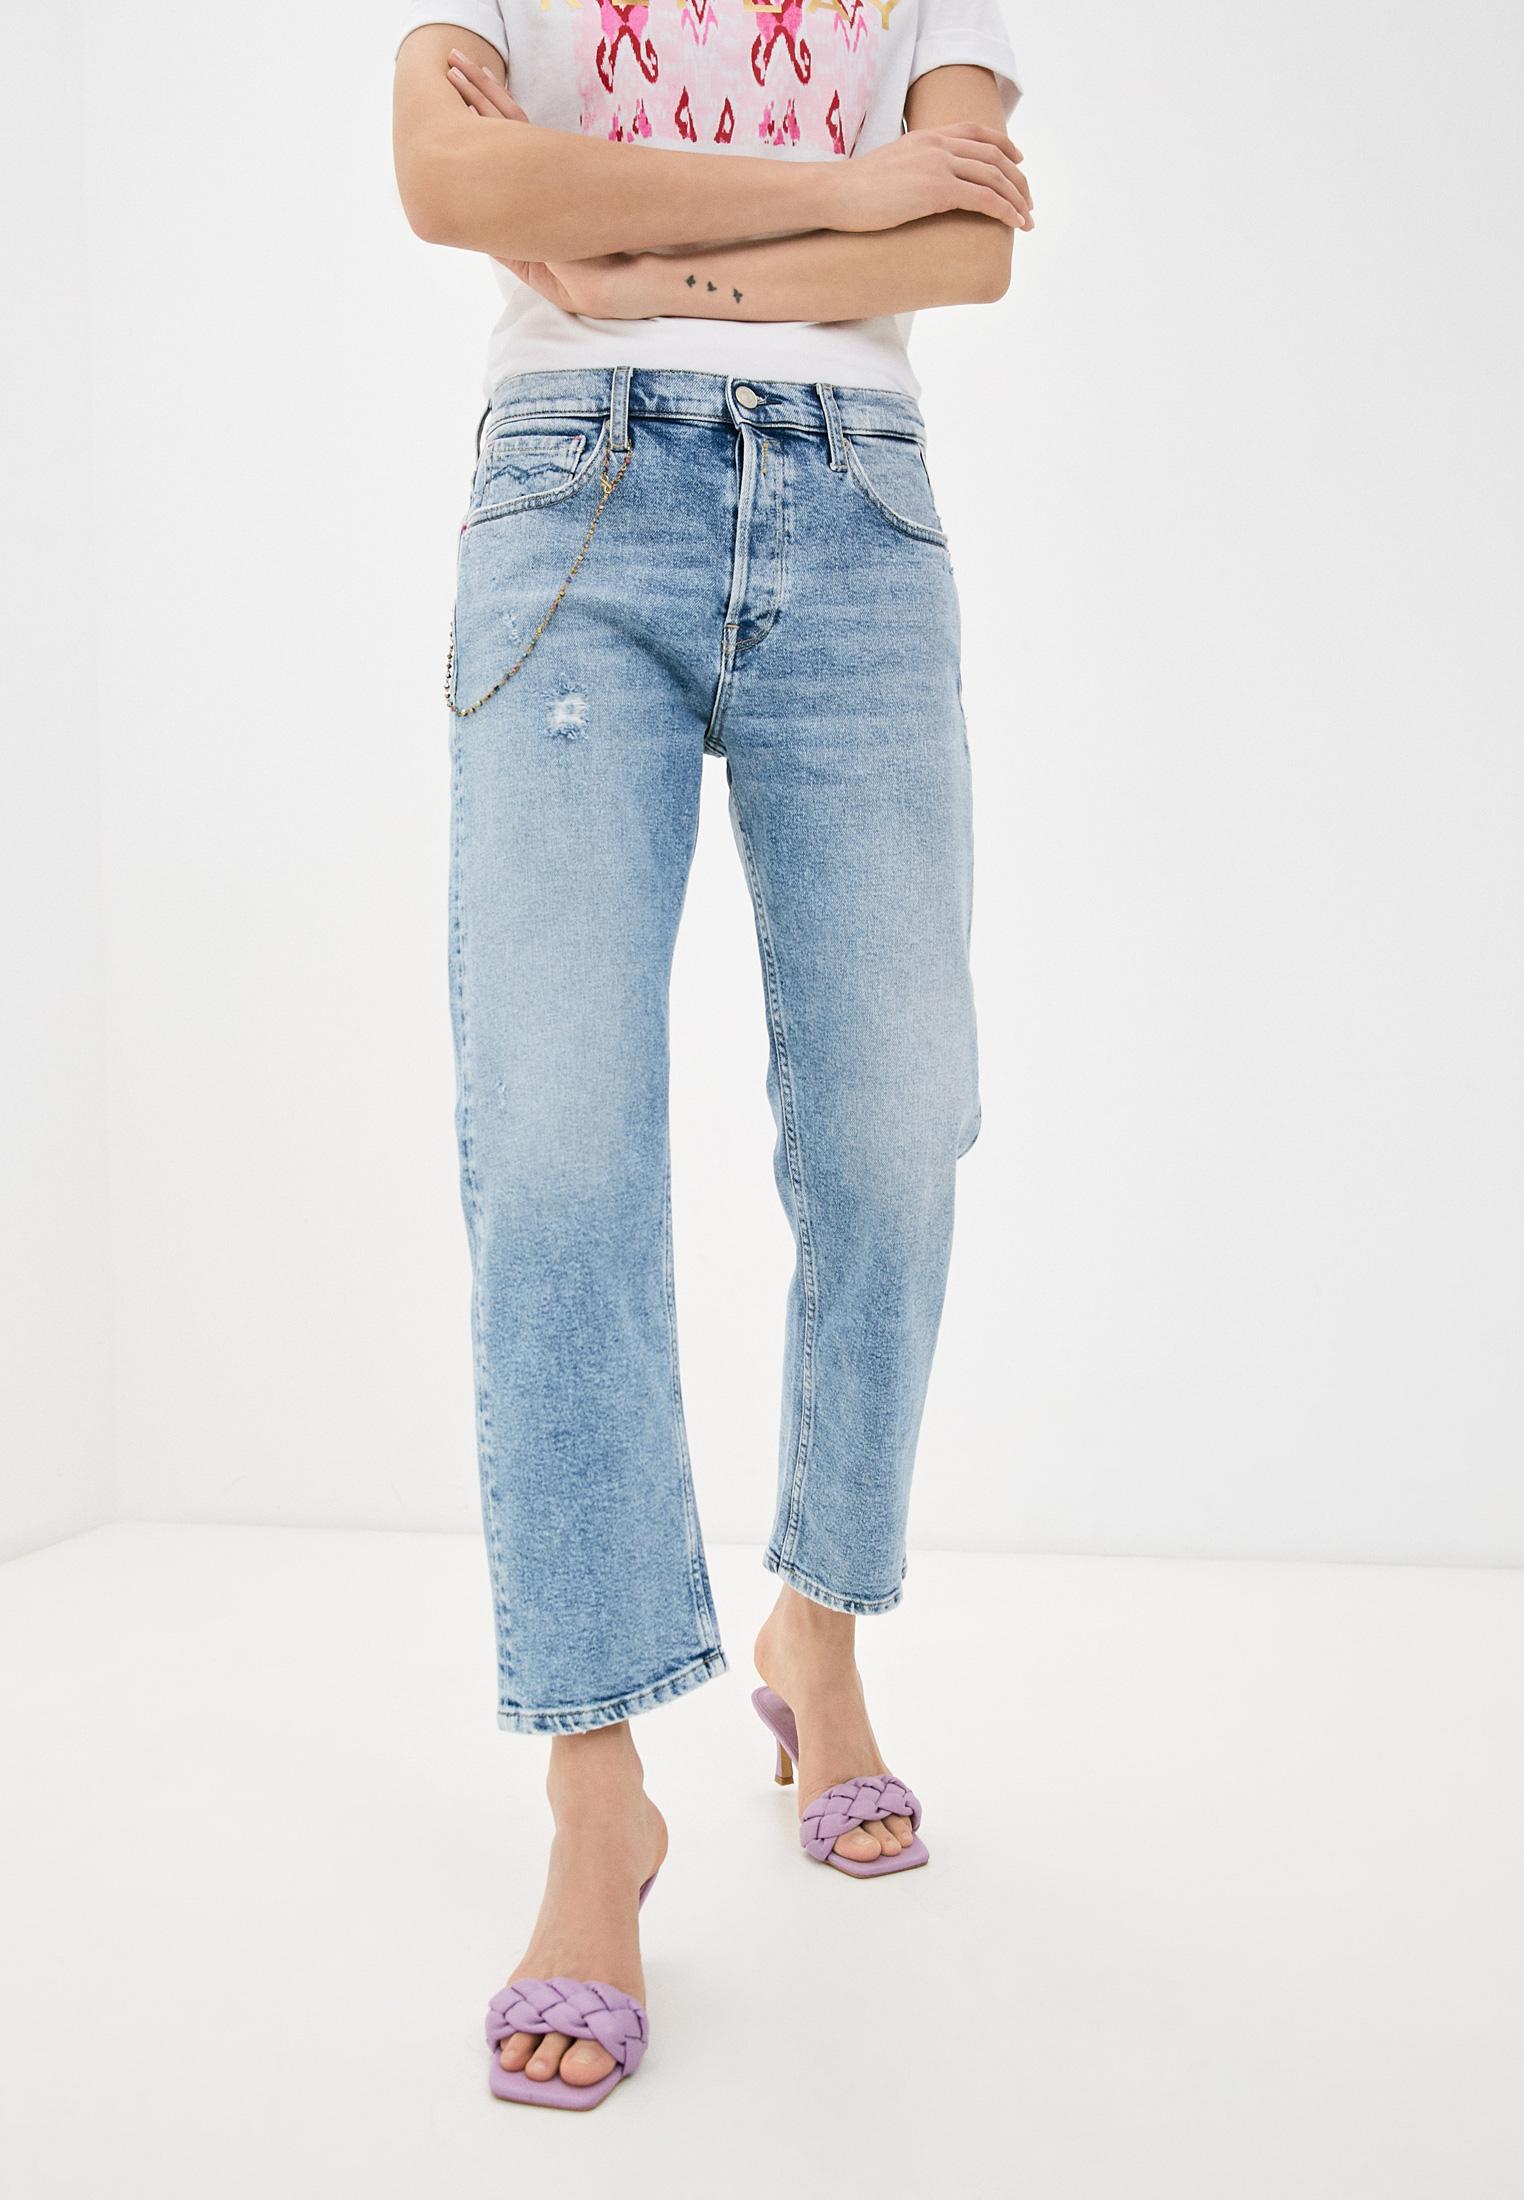 Прямые джинсы Replay (Реплей) WA454R.000.20781D